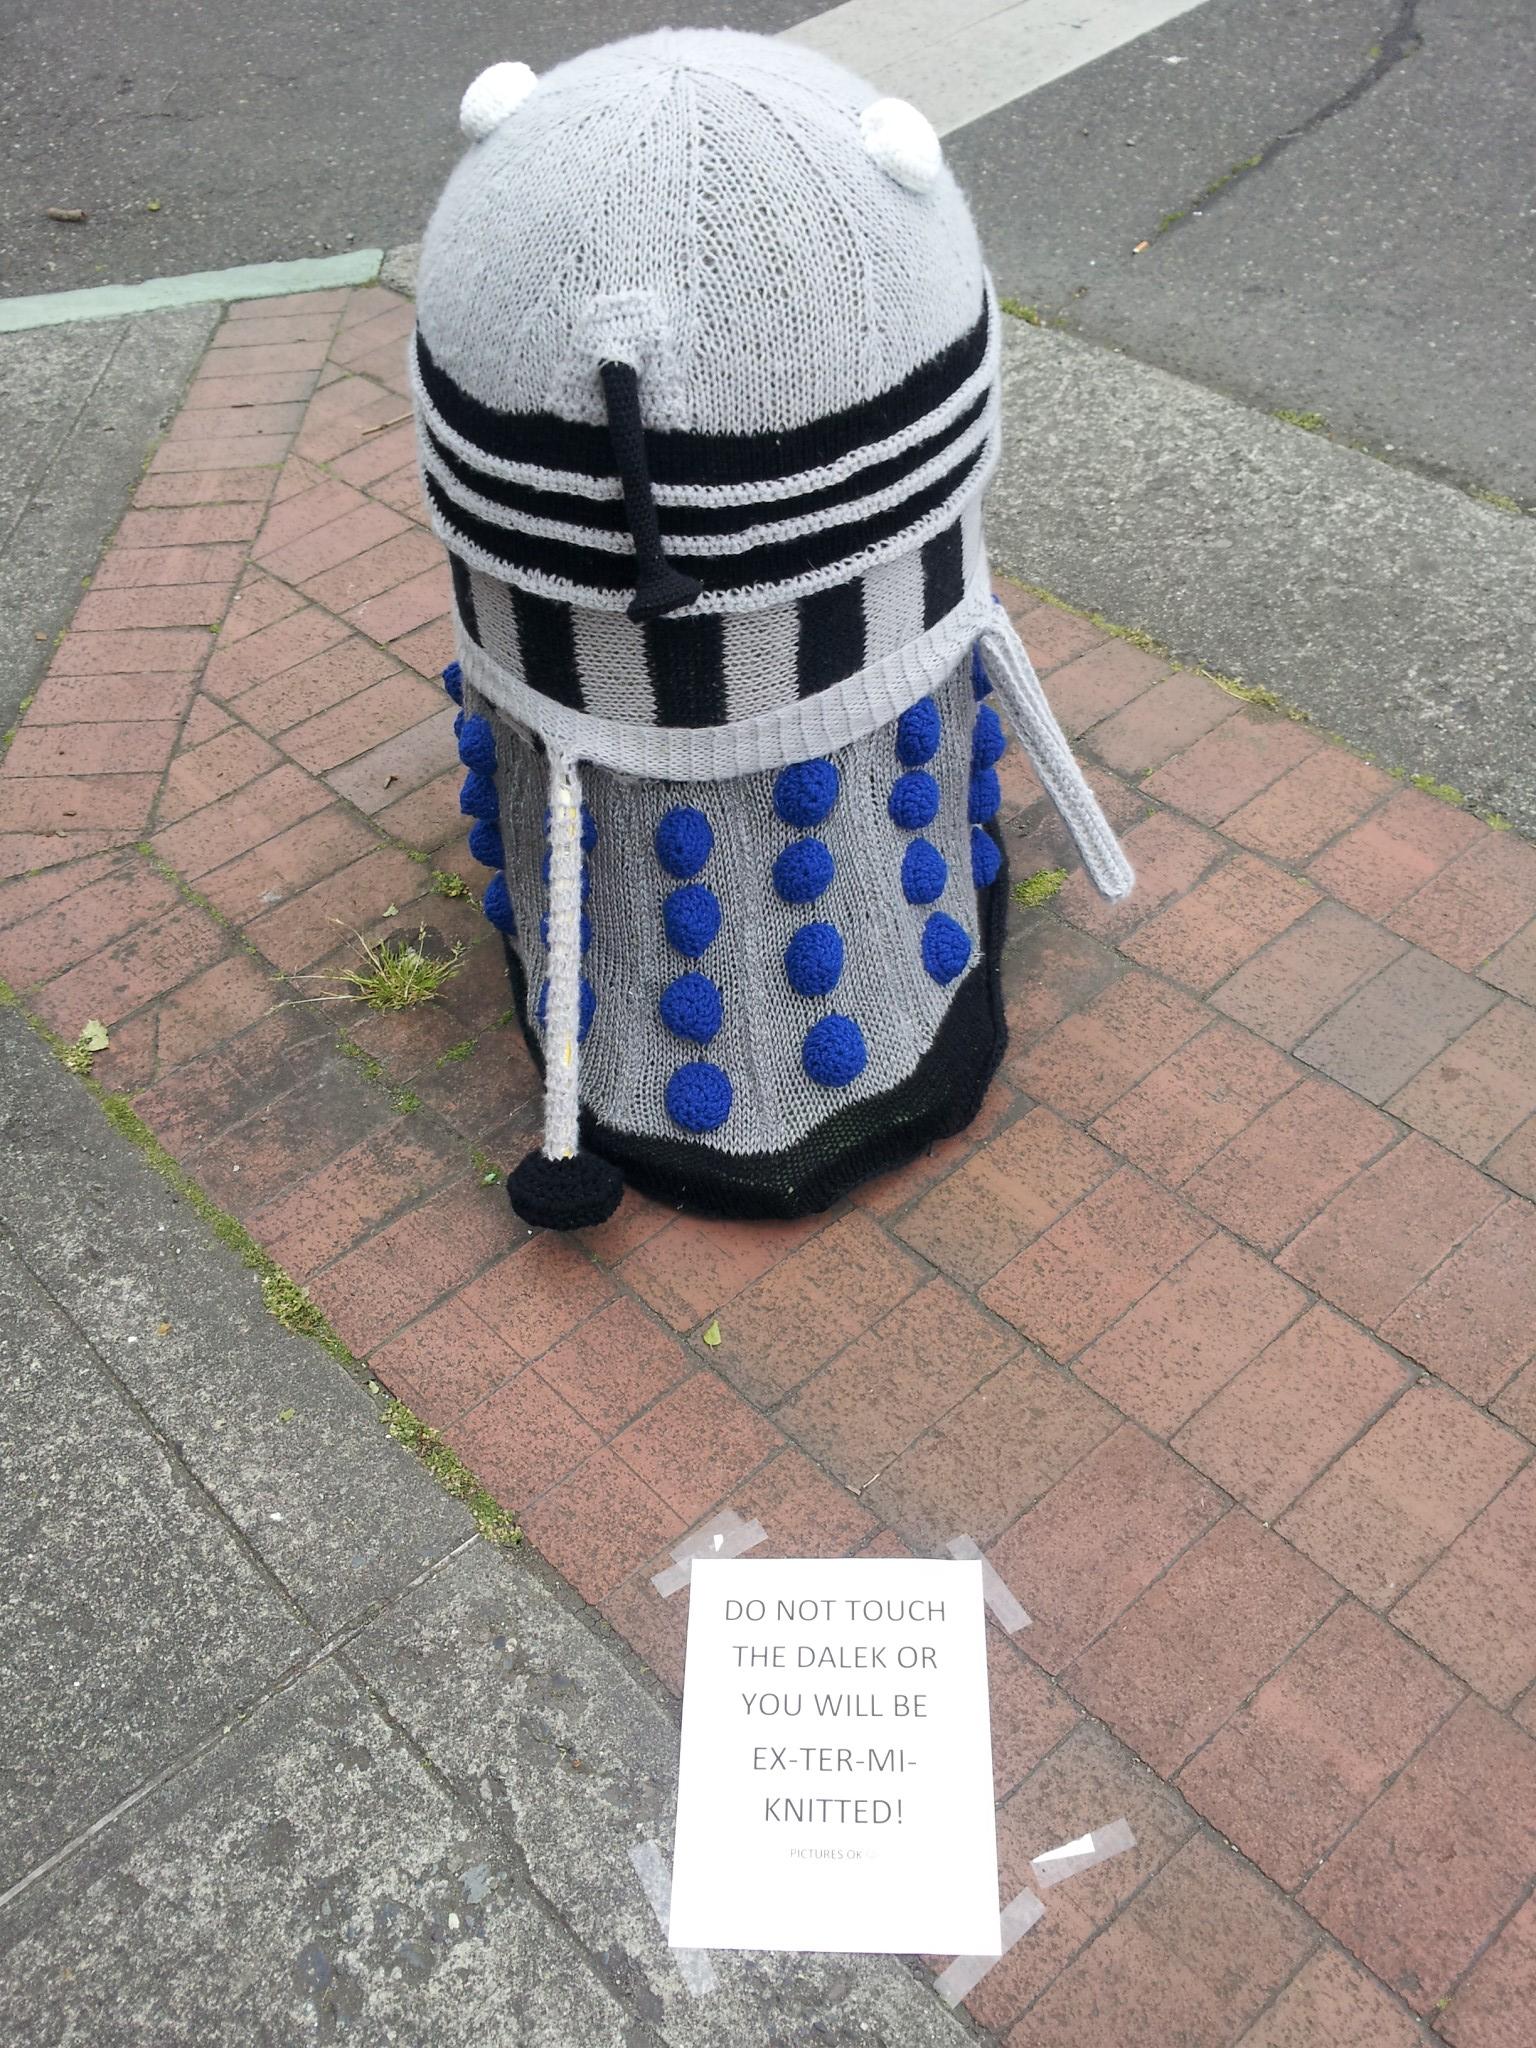 Knitted Dalek 2